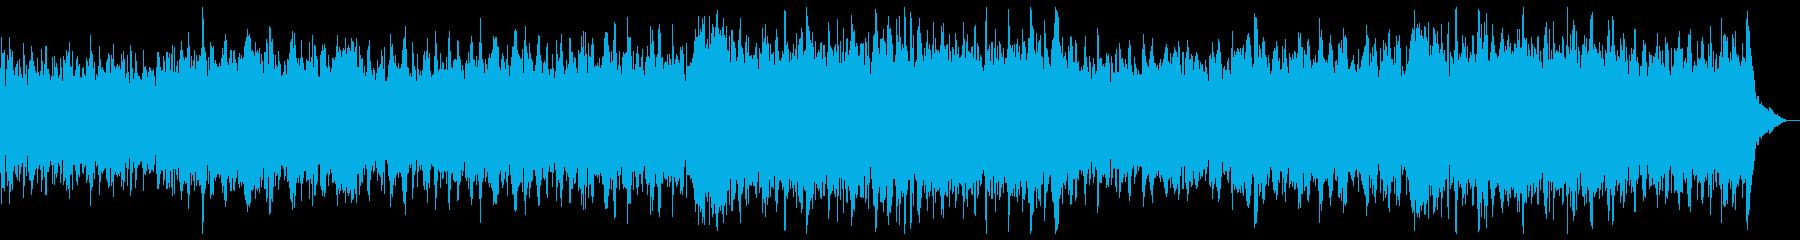 デジタル技術・知的ピアノ:大型打楽器抜きの再生済みの波形